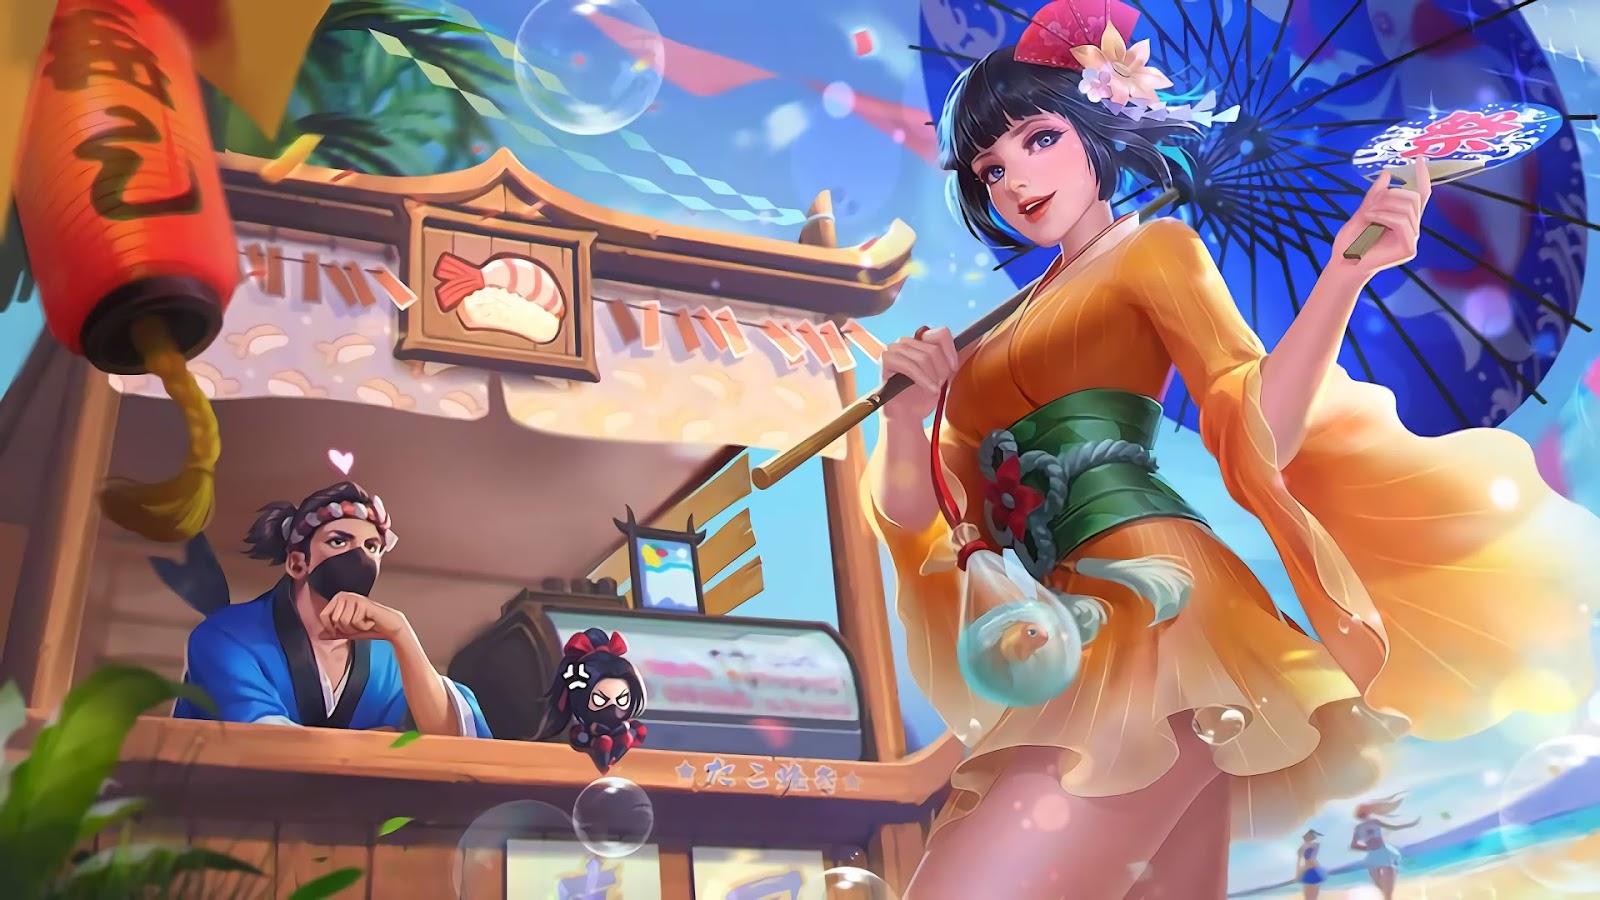 Wallpaper Kagura Summer Festival Skin Mobile Legends Full HD for PC